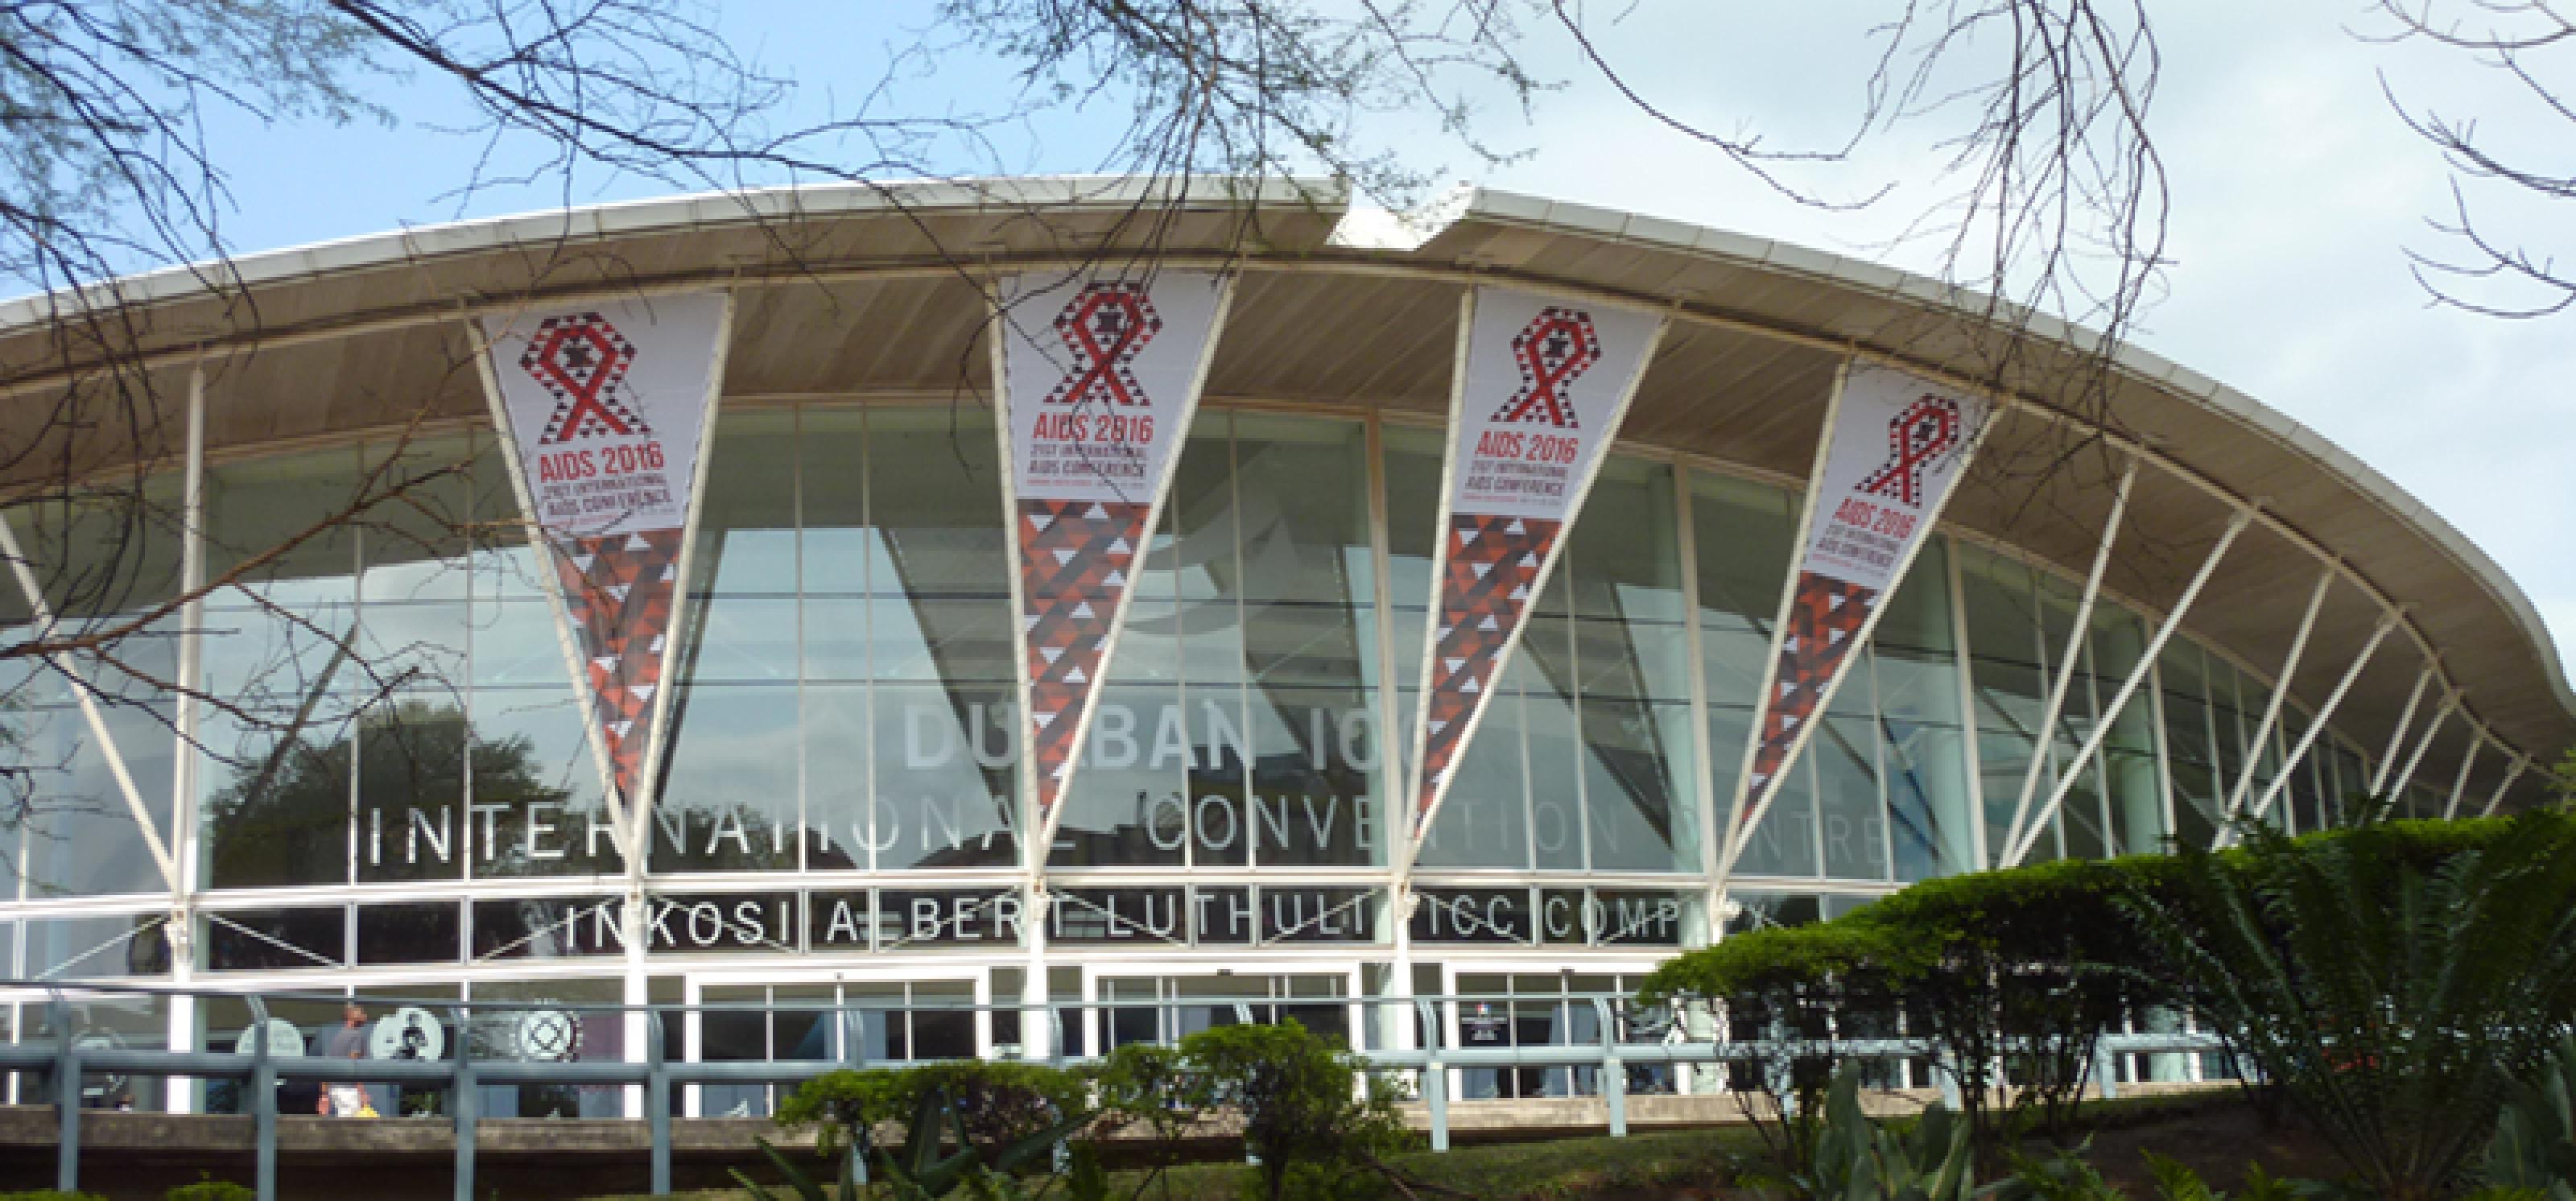 ICC in Durban